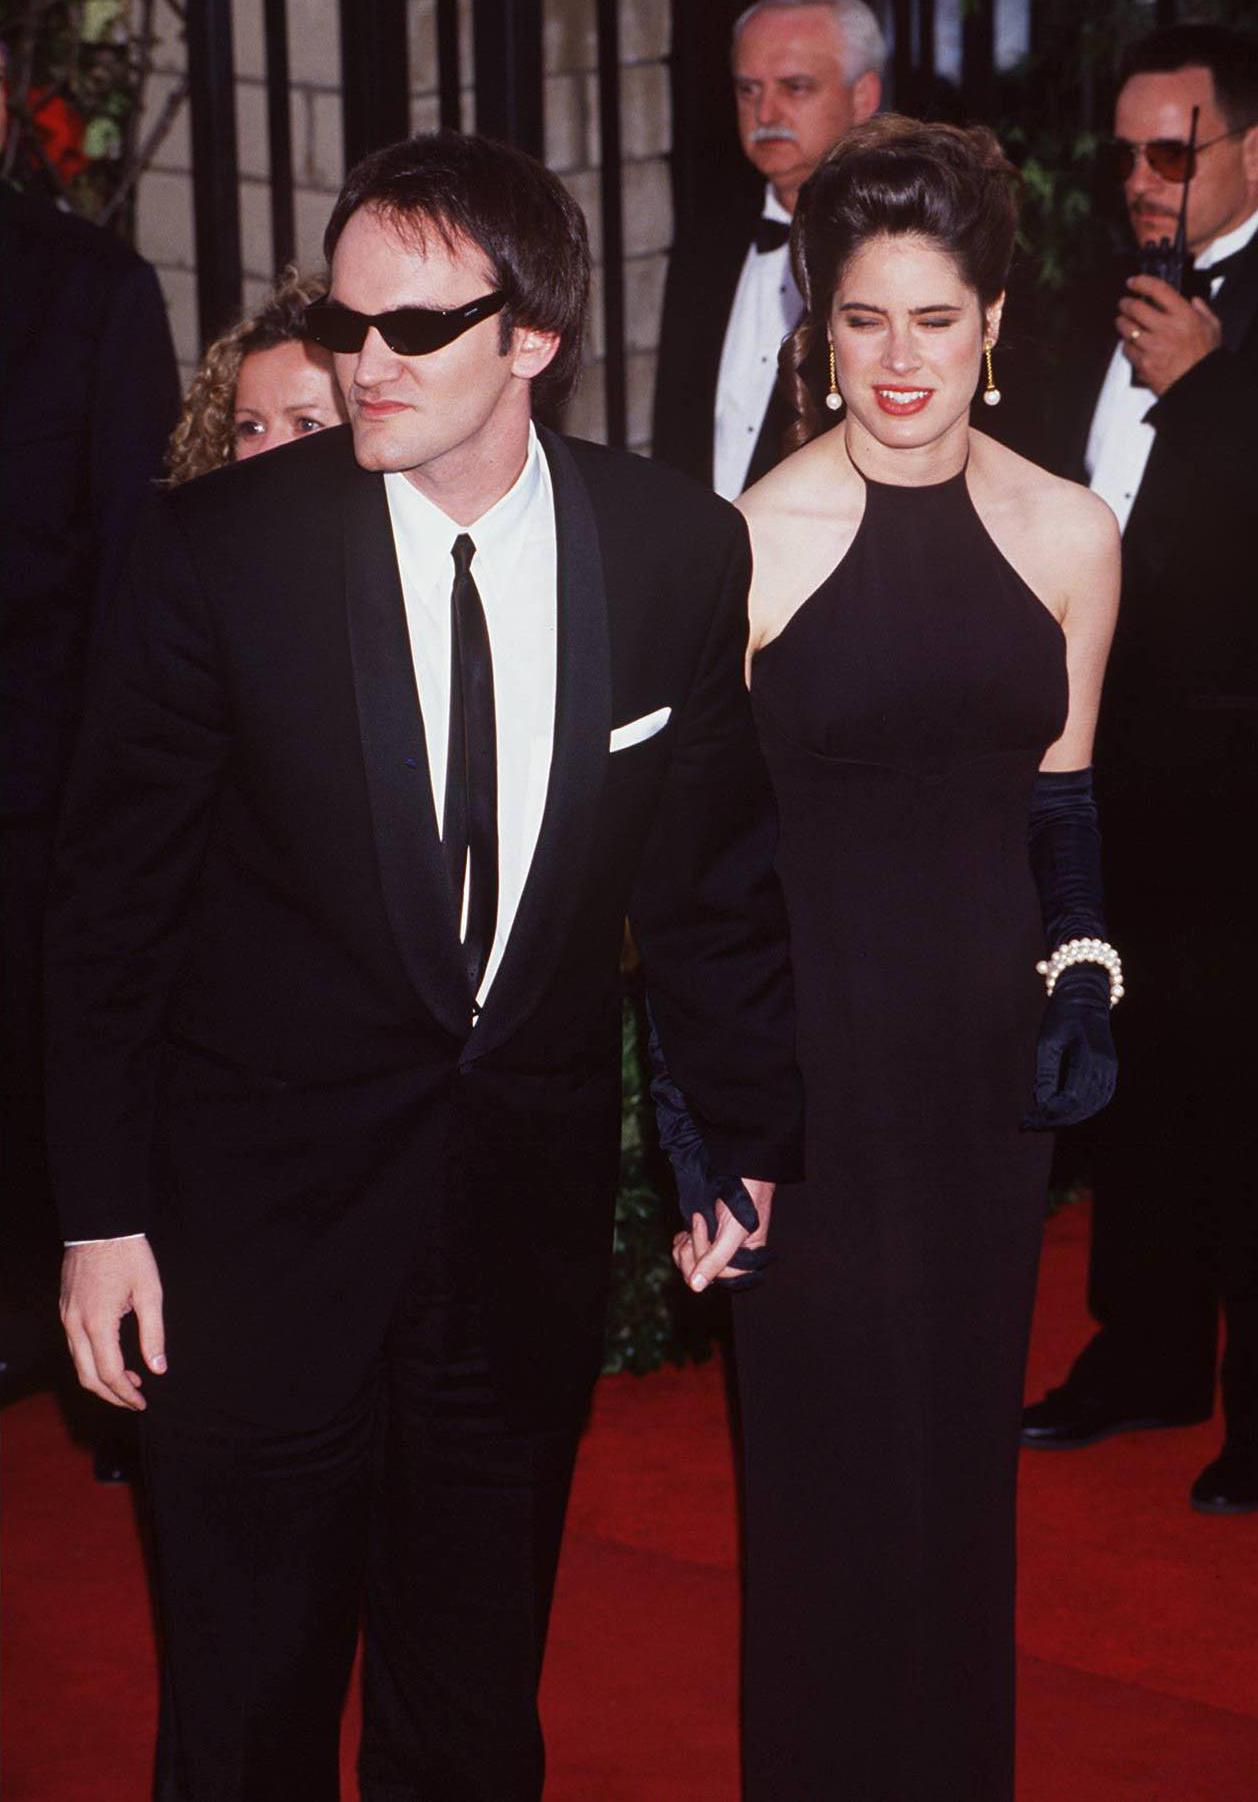 Quentin Tarantino en la edición 64ª de los premios de la Academia de Hollywood en 1994. Ya tiene dos Oscar en su casa, y este año compite en tres categorías: mejor guion, mejor película y mejor dirección